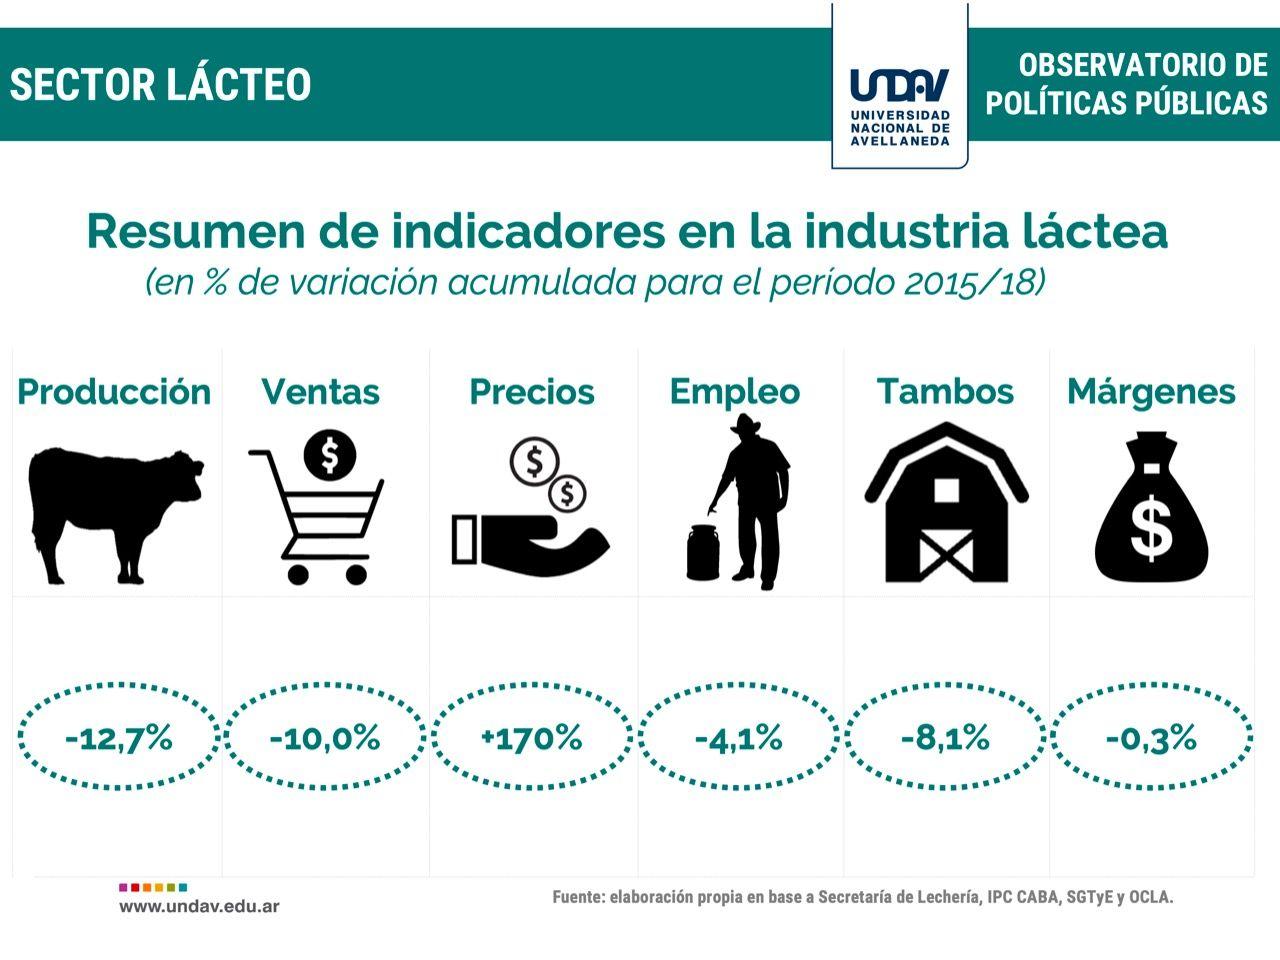 Manteca, yogur y leche, los lácteos que más subieron en 2018 y por encima de la inflación